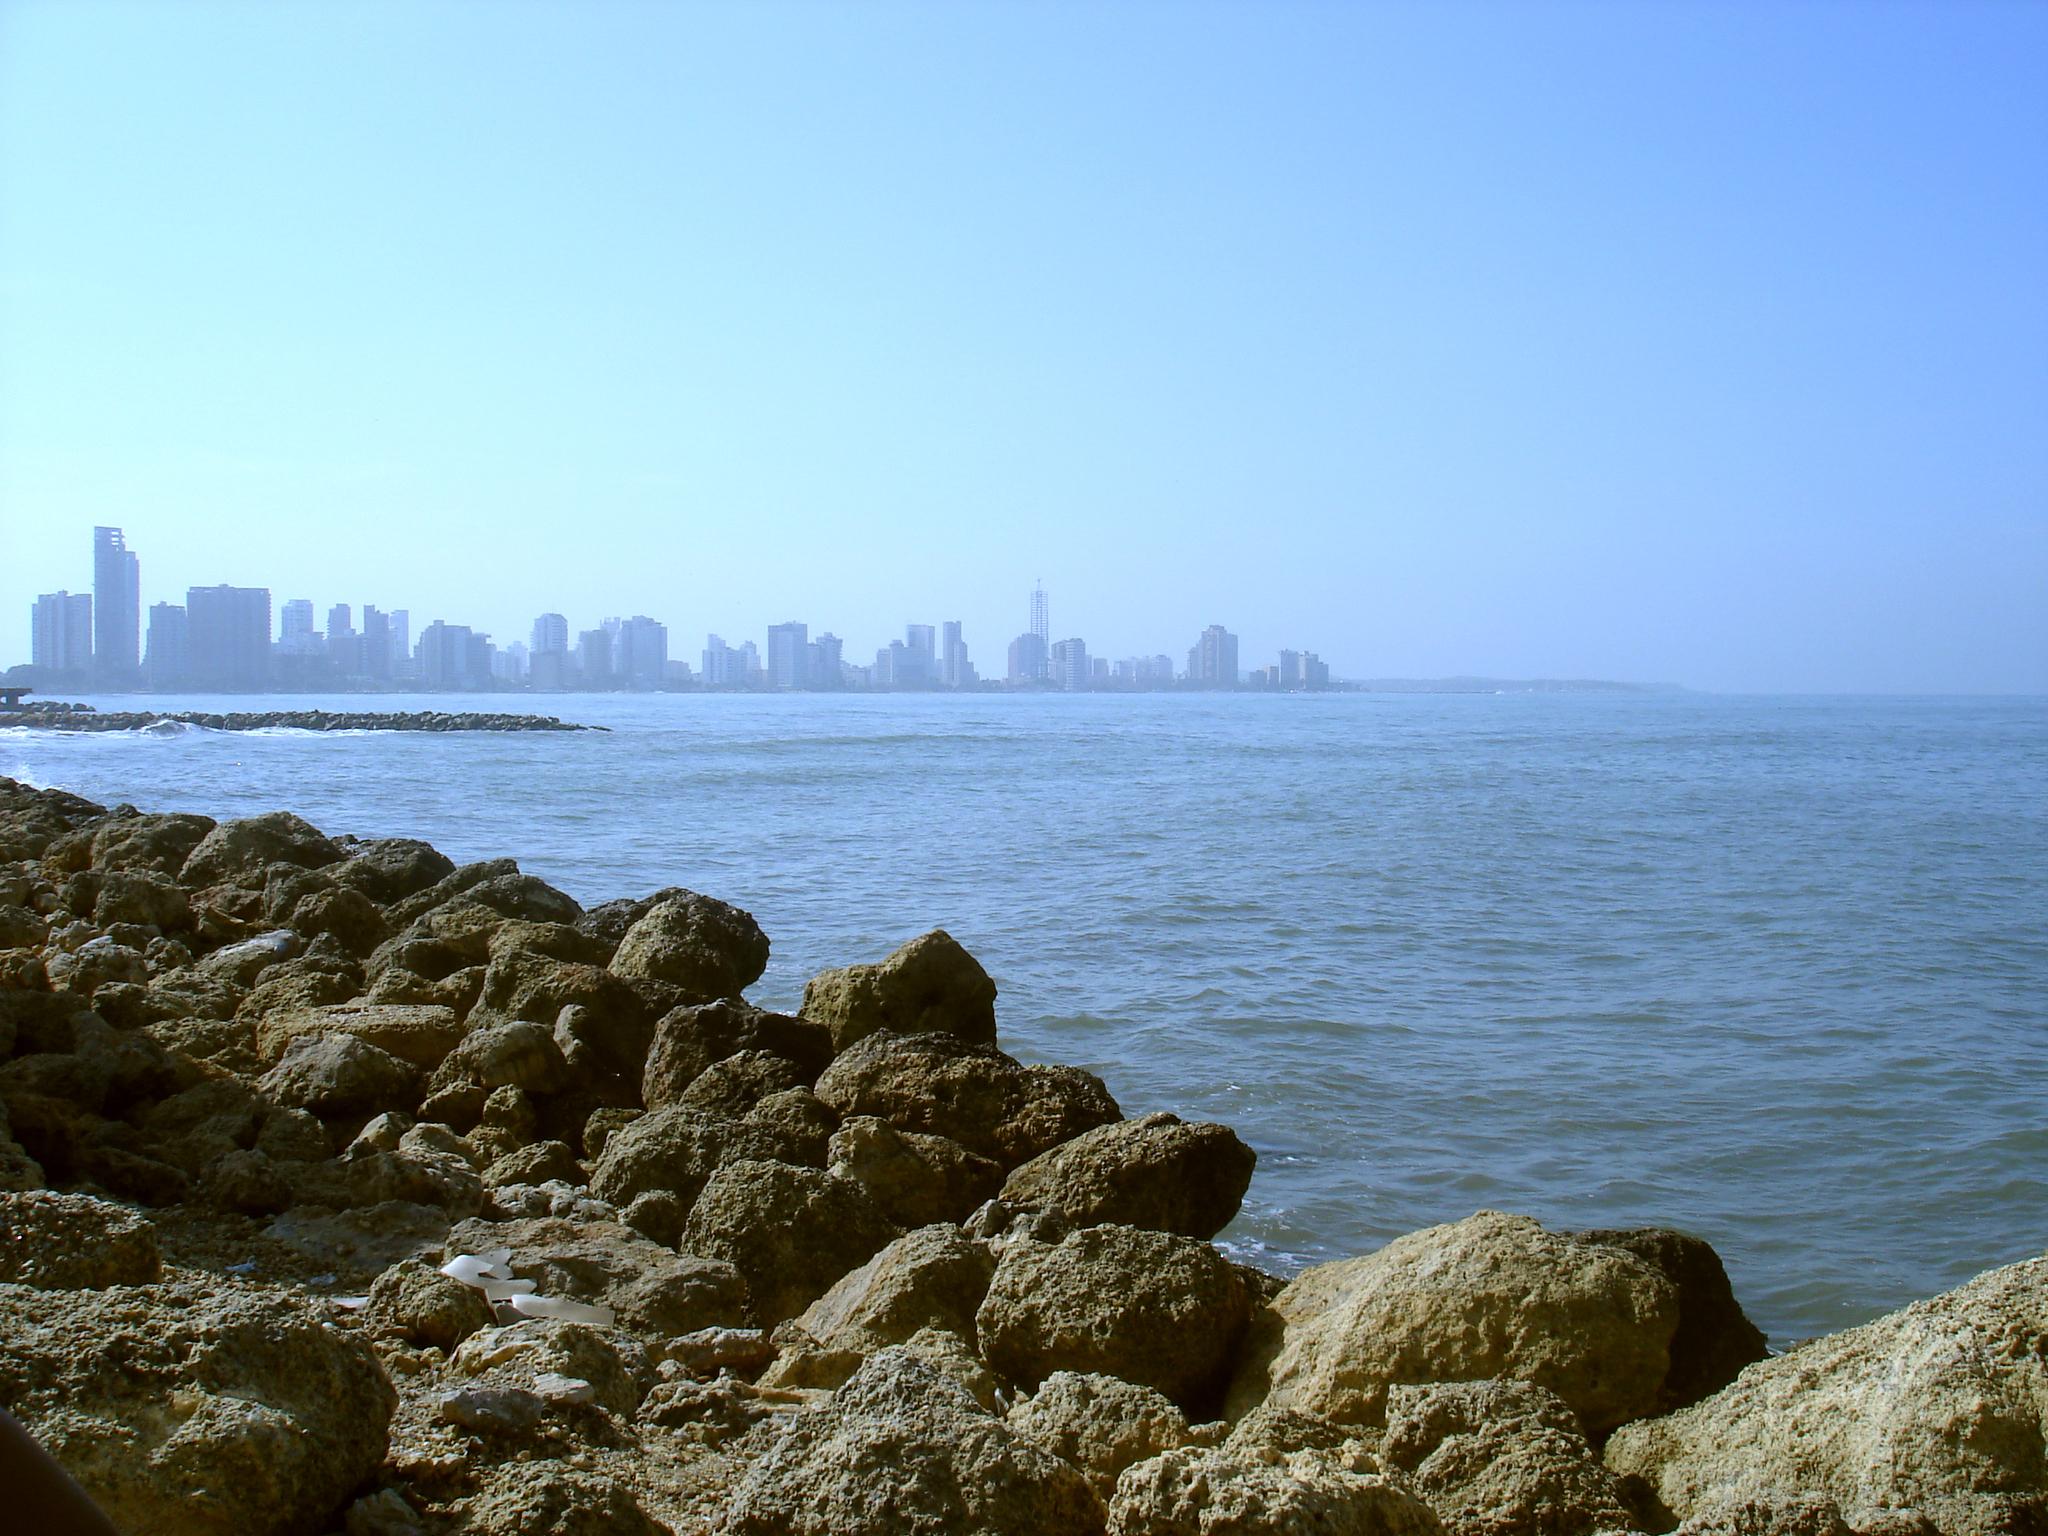 Byen Cartagena